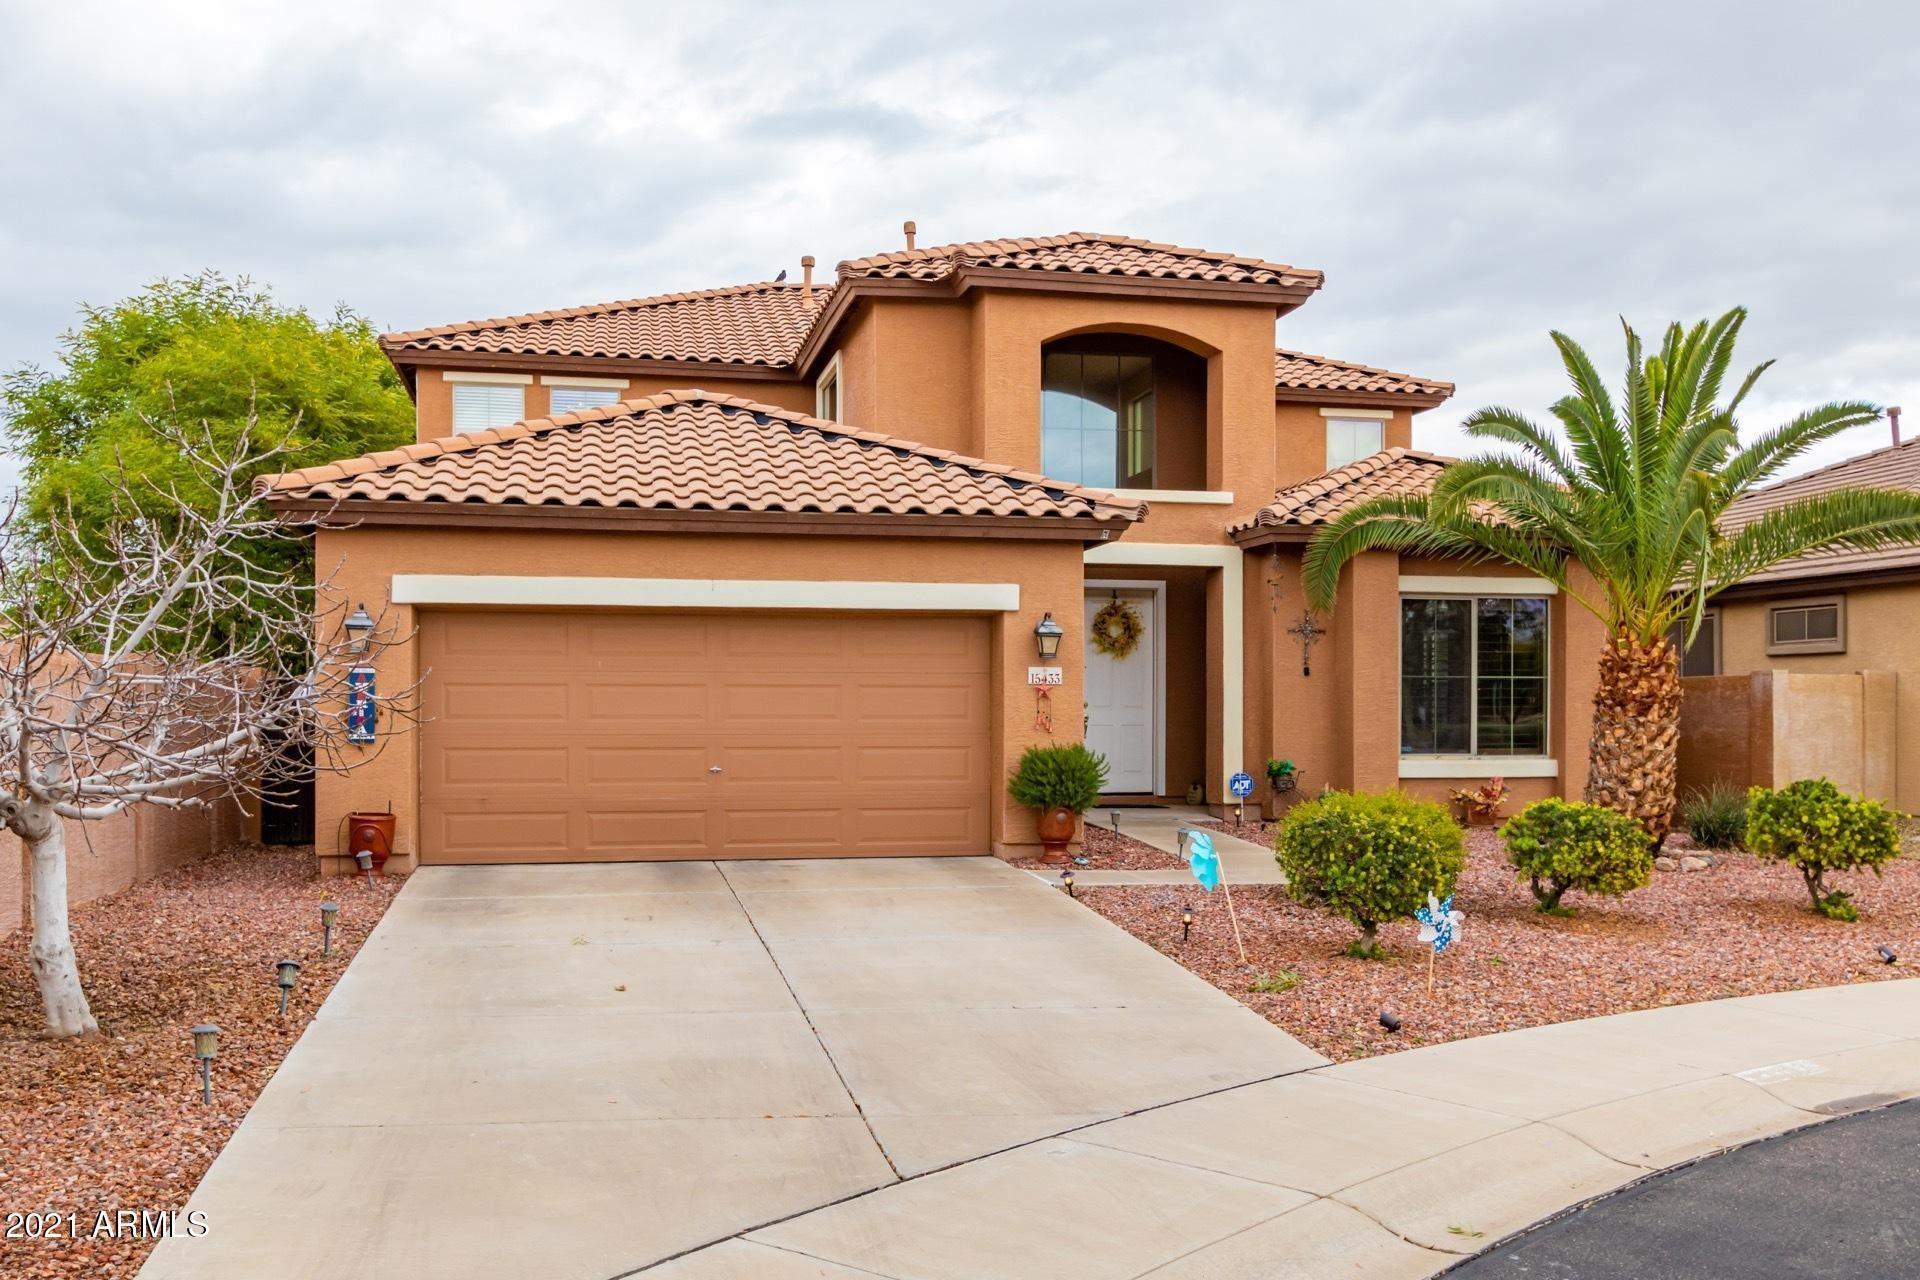 15433 N 180TH Court, Surprise, AZ 85388 - MLS#: 6186585